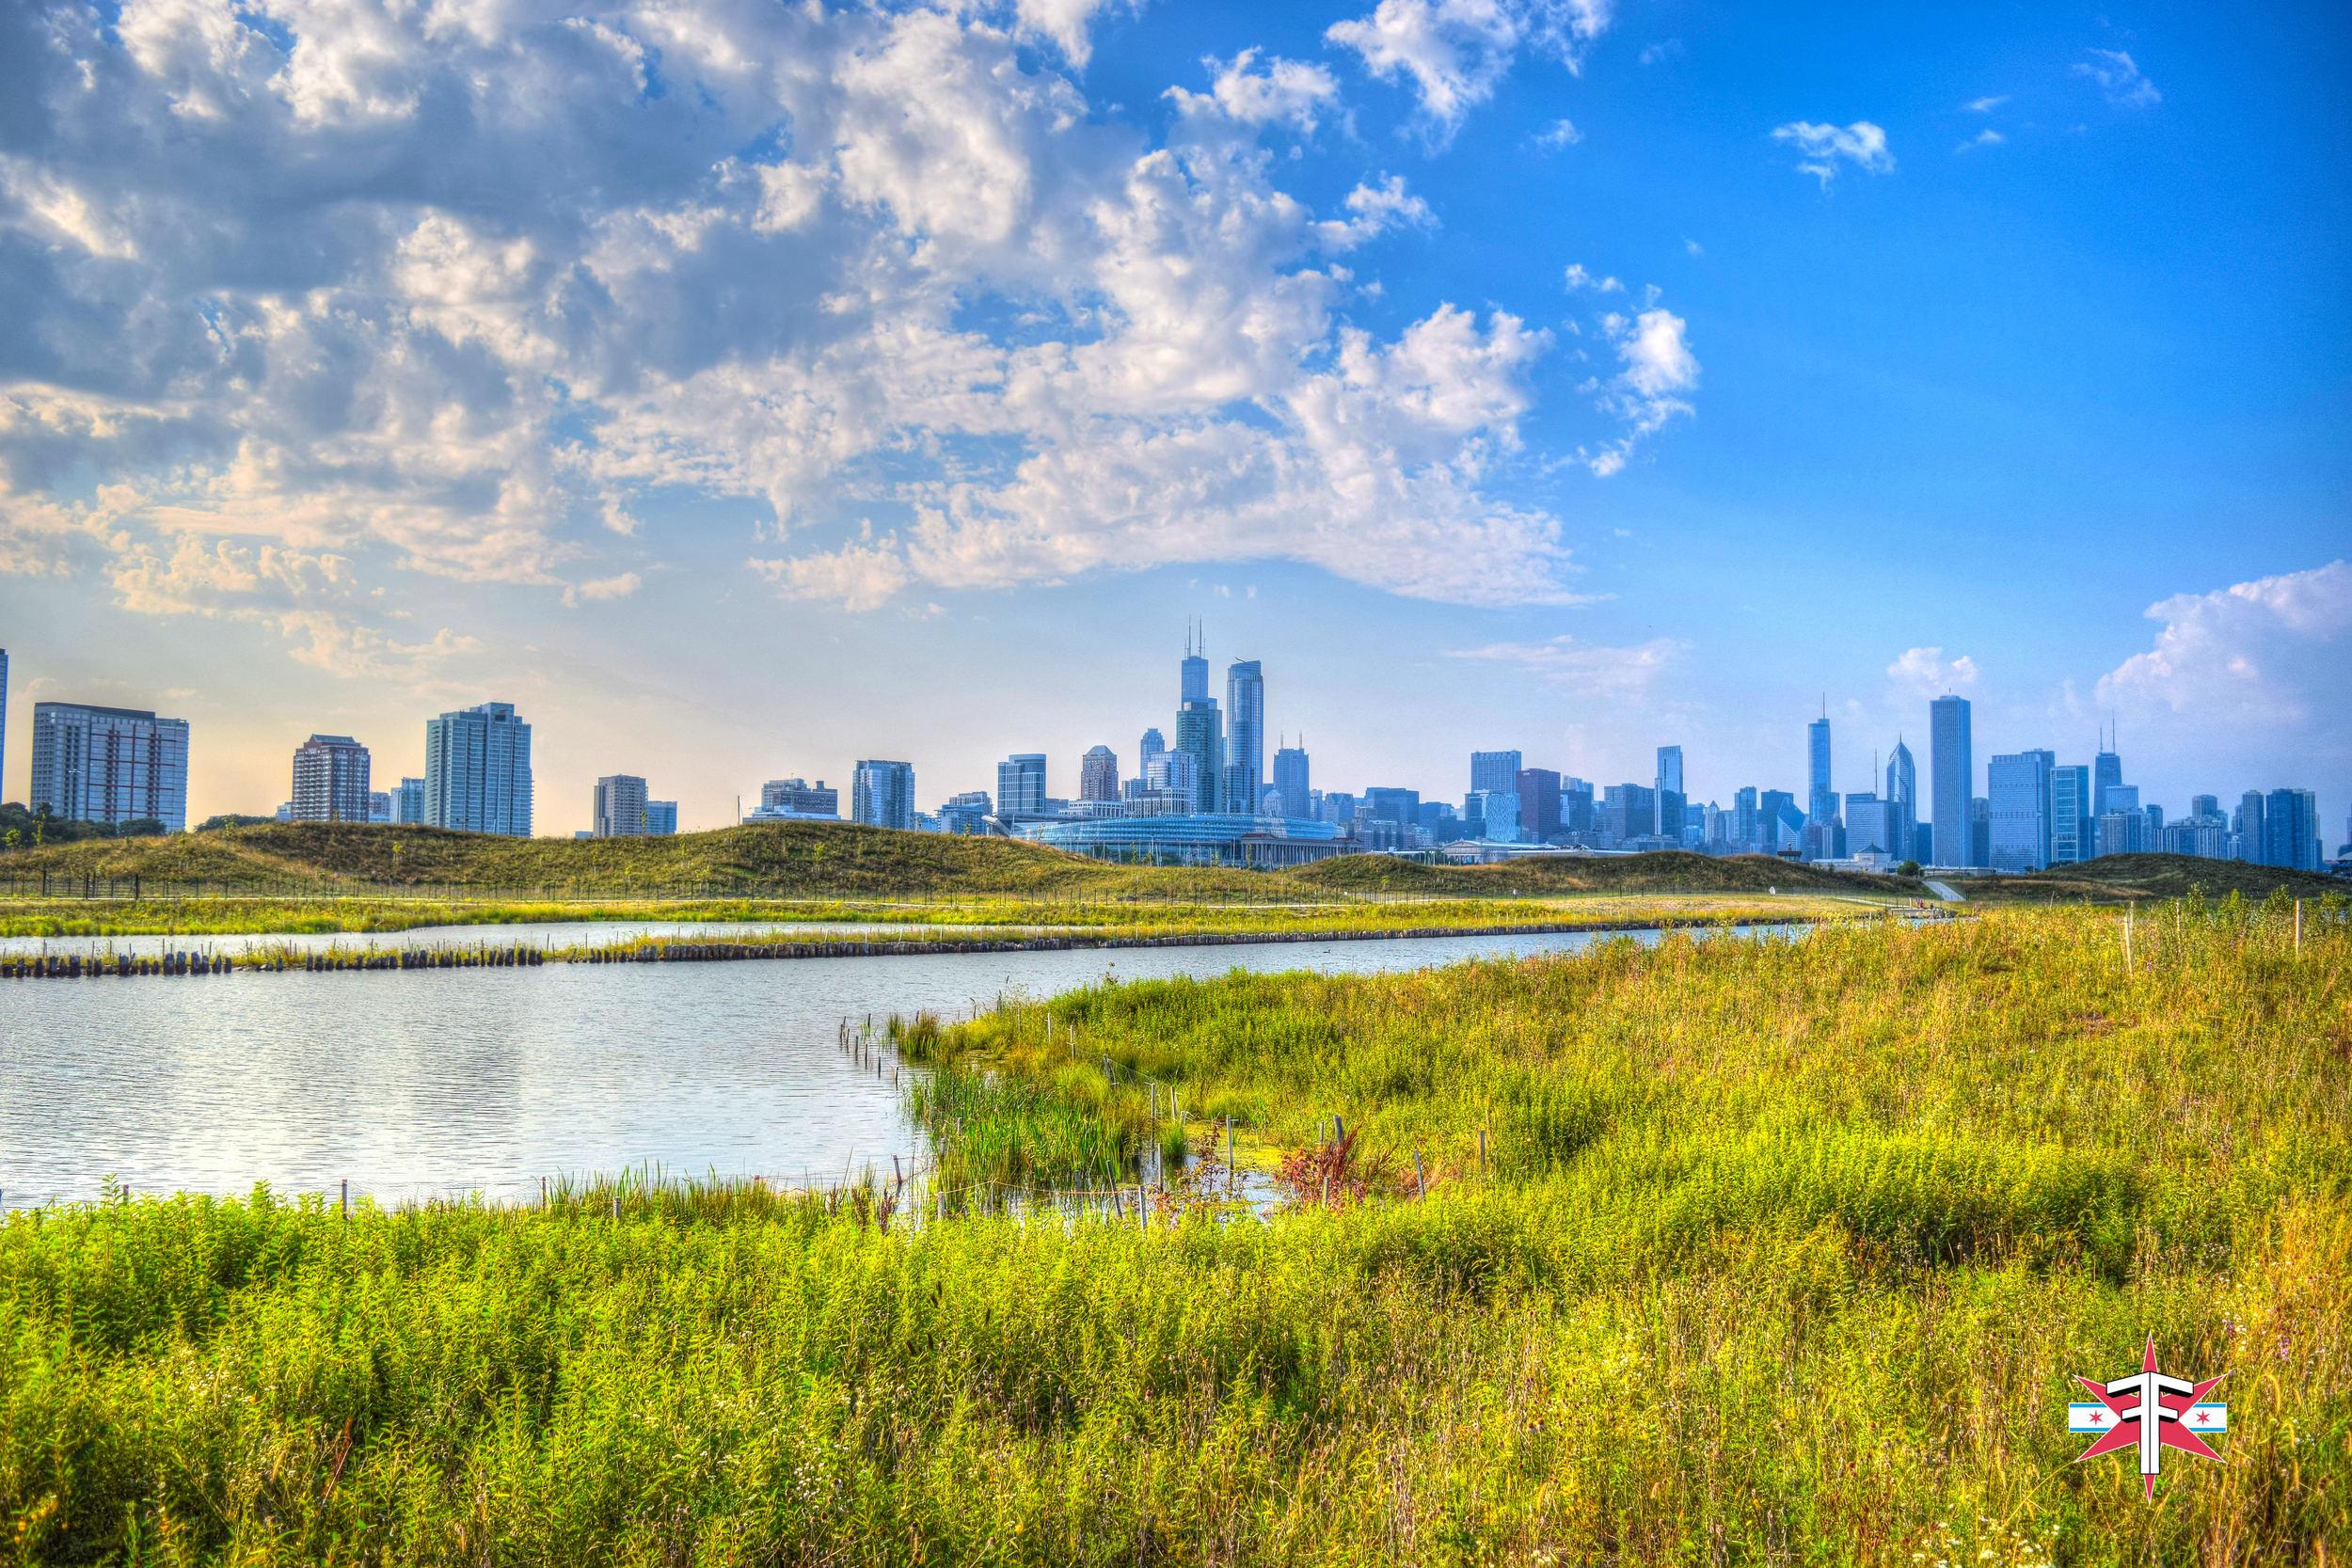 chicago art architecture eric formato photography design arquitectura architettura buildings skyscraper skyscrapers-328.jpg